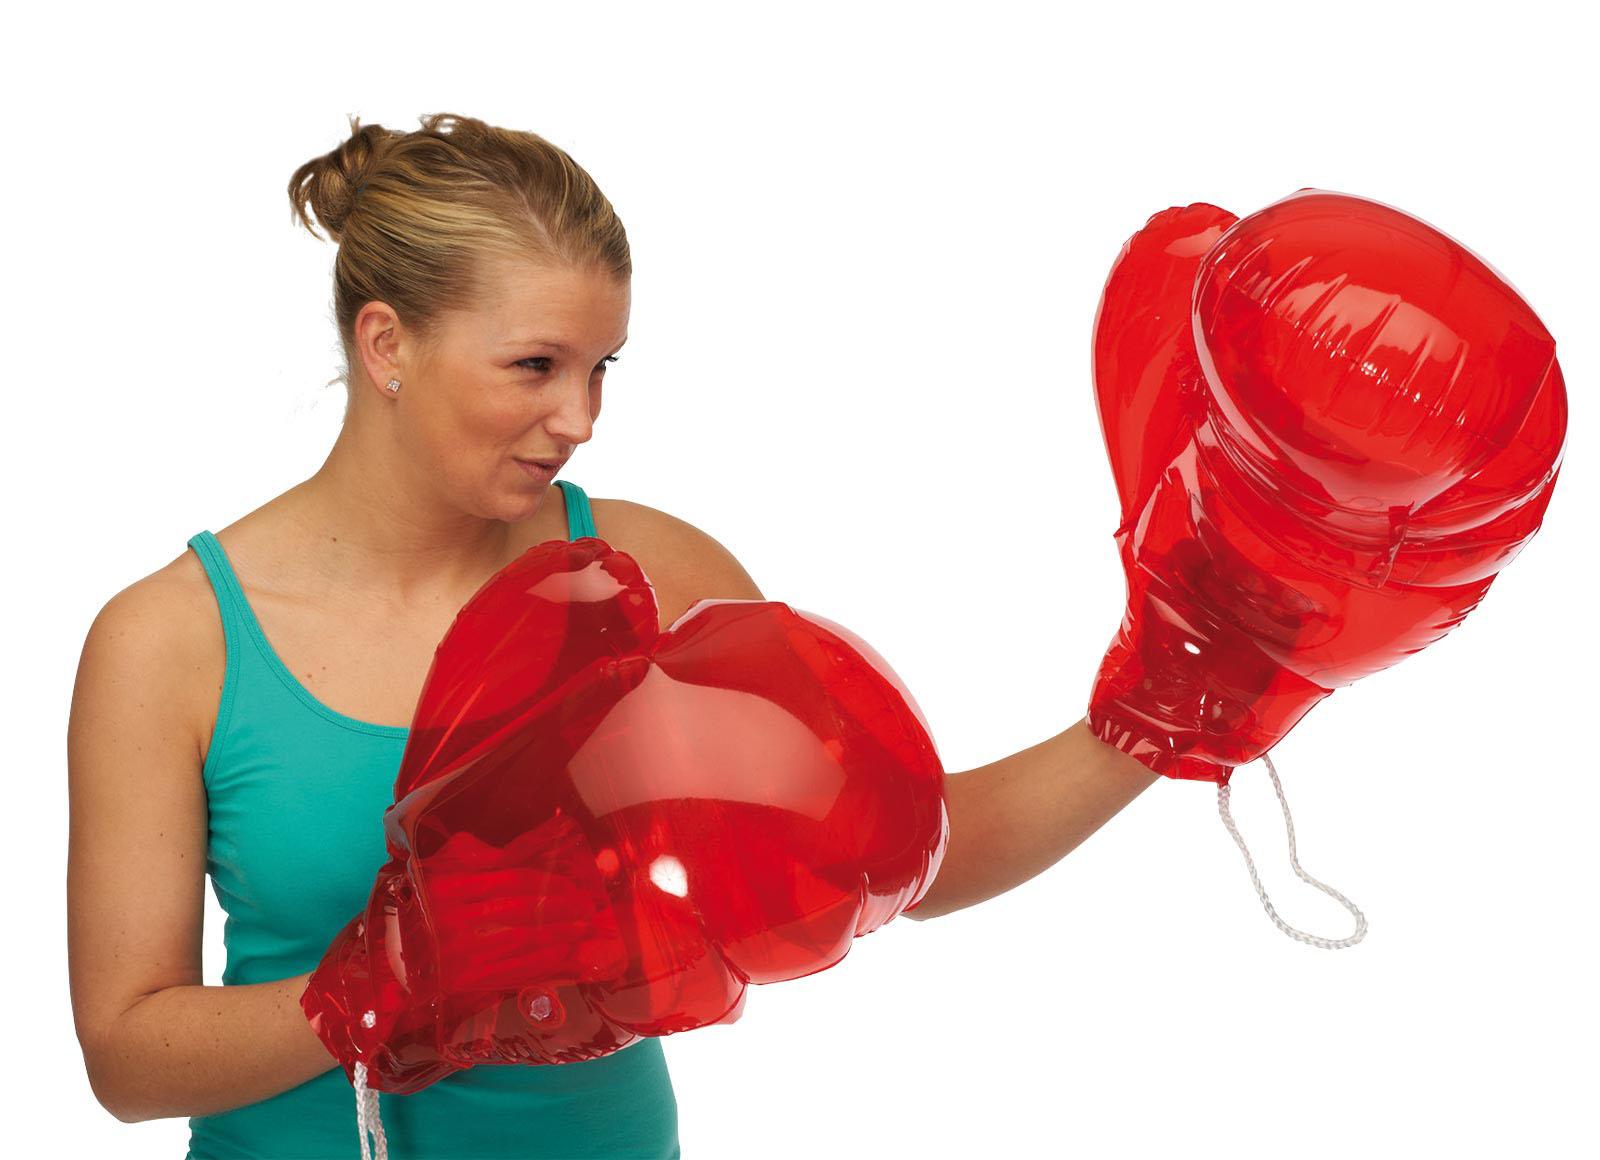 Gants de boxe gonflables g ants 4 90 super insolite - Dessin gant de boxe ...